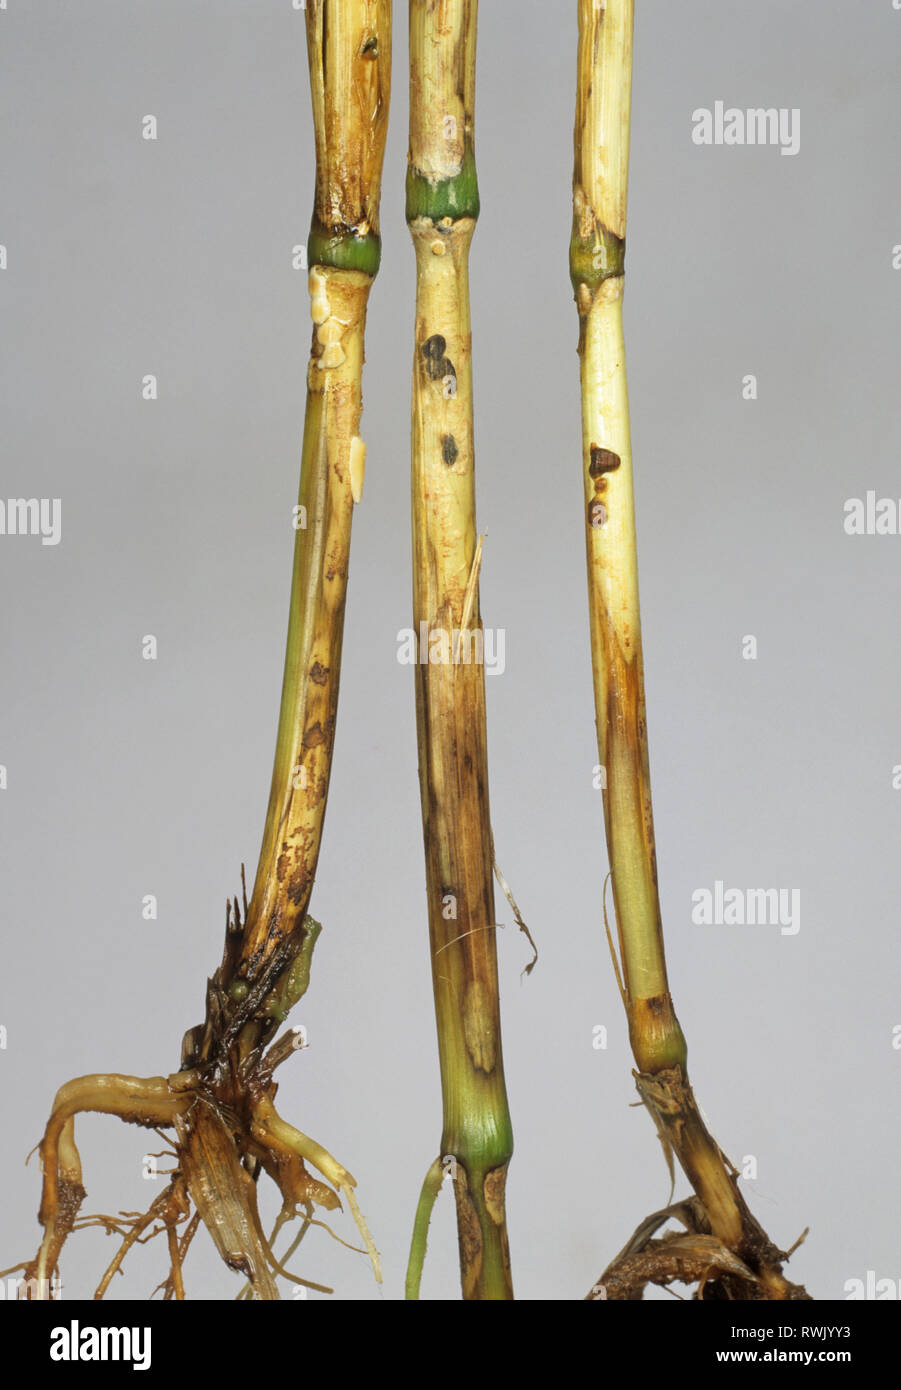 Sharp eyespot, Ceratobasidium cereale, lesions on wheat stem bases - Stock Image